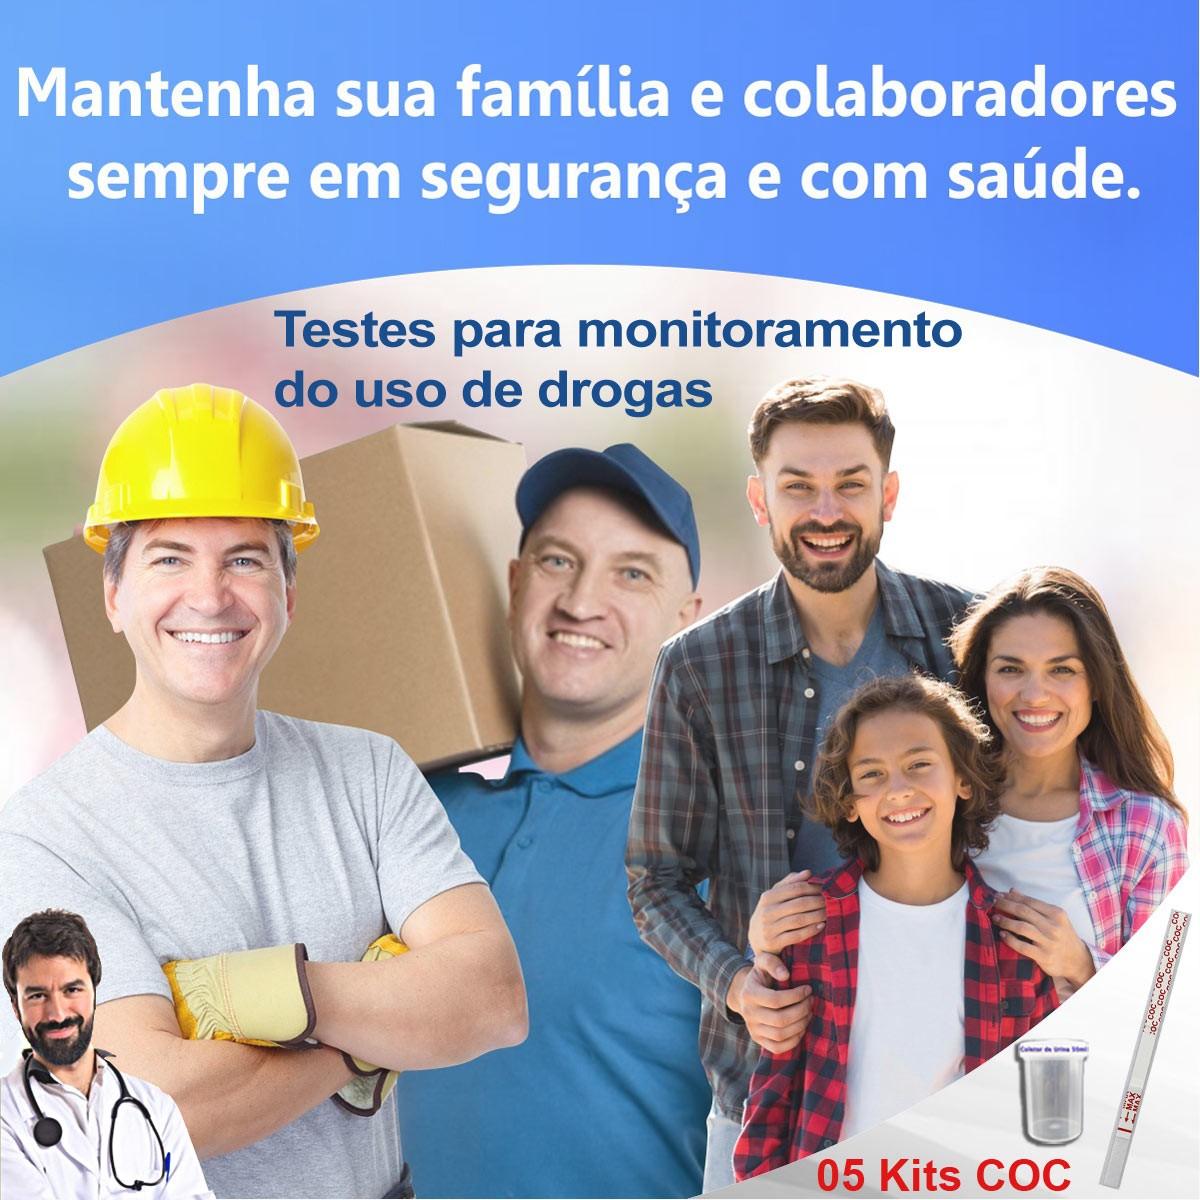 05 Kits para teste de COC  - Testes Para COVID e Drogas. Máscaras Descartáveis e Suplementos e Anti Tabaco